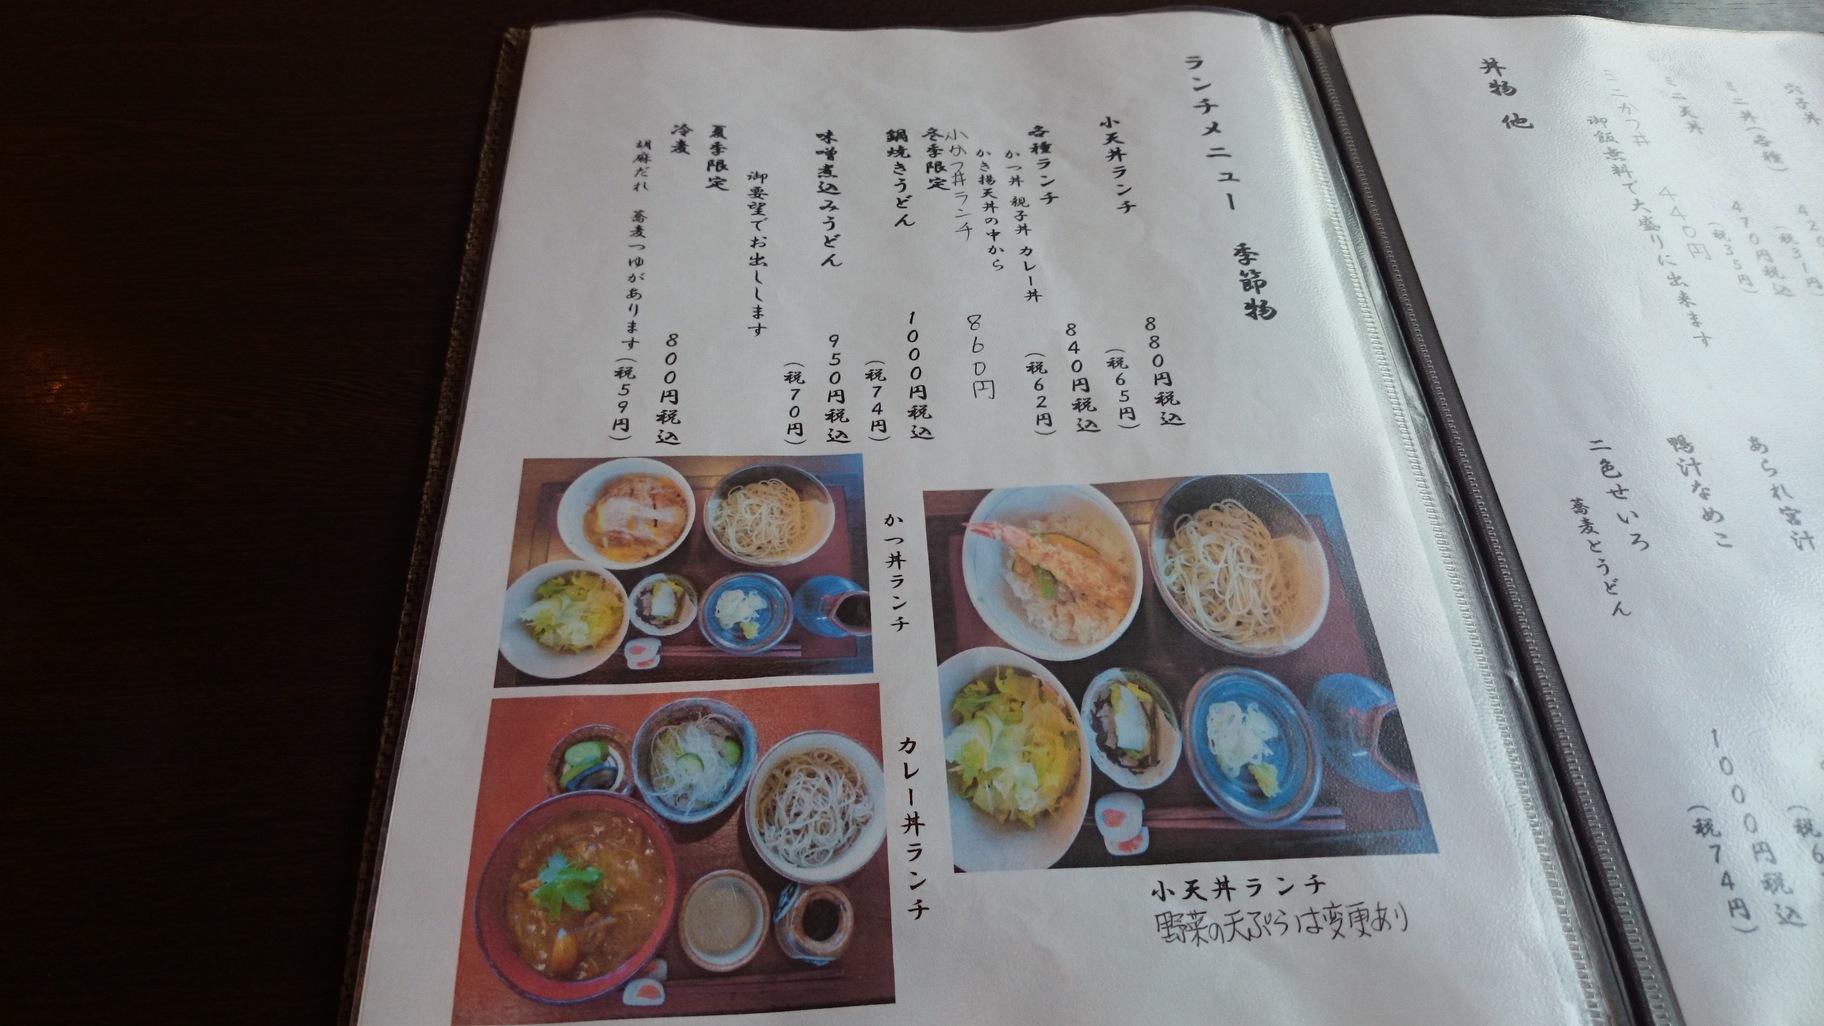 石臼挽き手打ちそば 藤茂登 name=